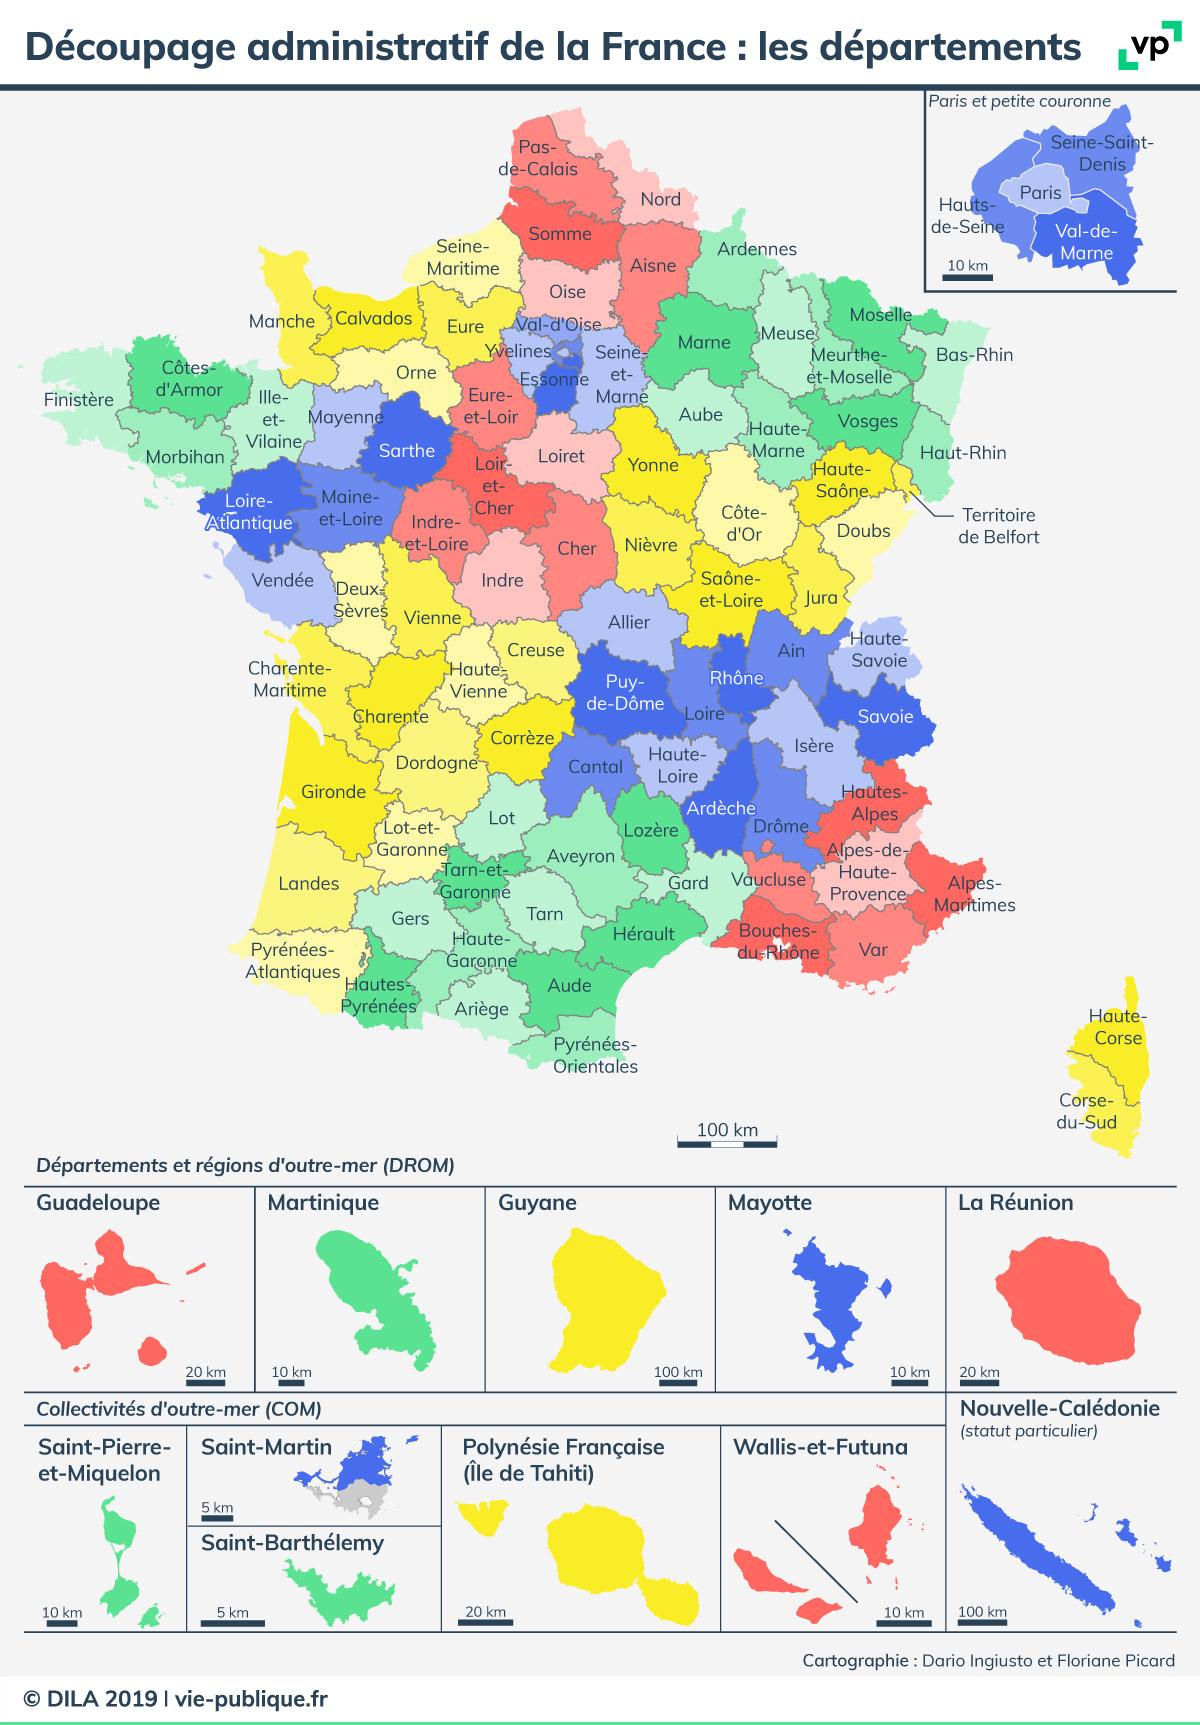 Découpage Administratif De La France : Les Départements intérieur Région Et Département France